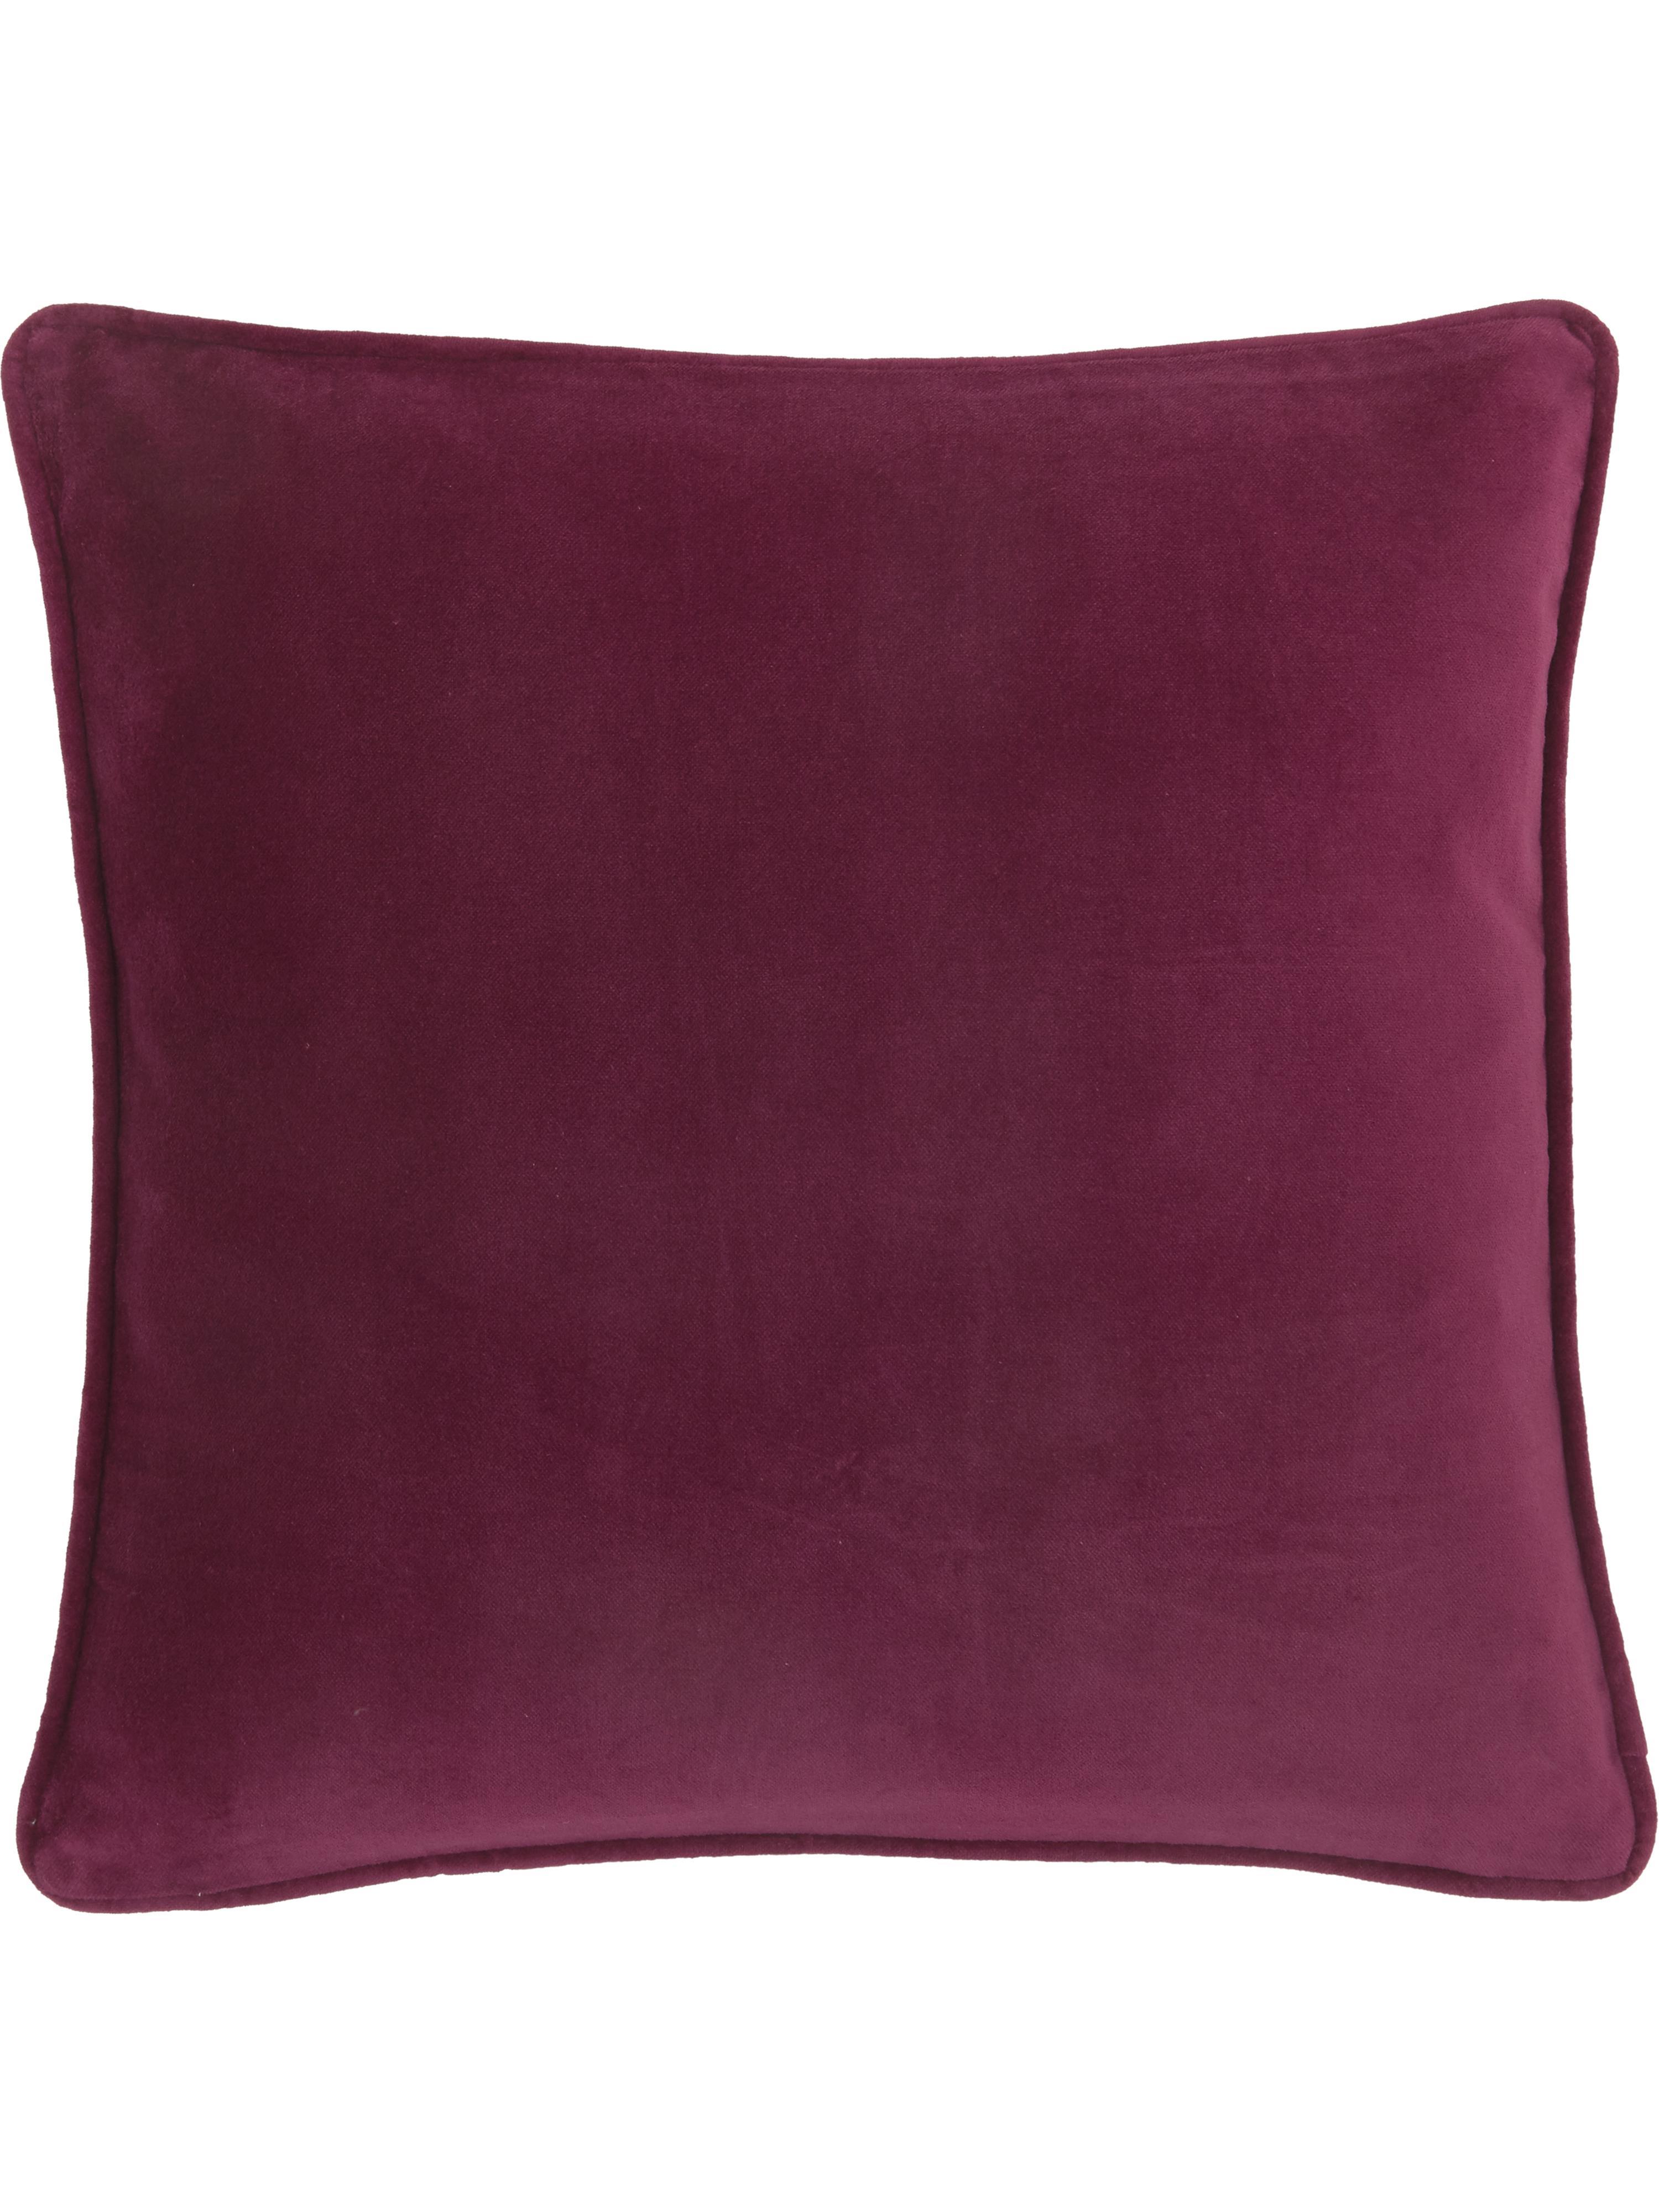 Federa arredo in velluto in vino rosso Dana, Velluto di cotone, Vino rosso, Larg. 40 x Lung. 40 cm